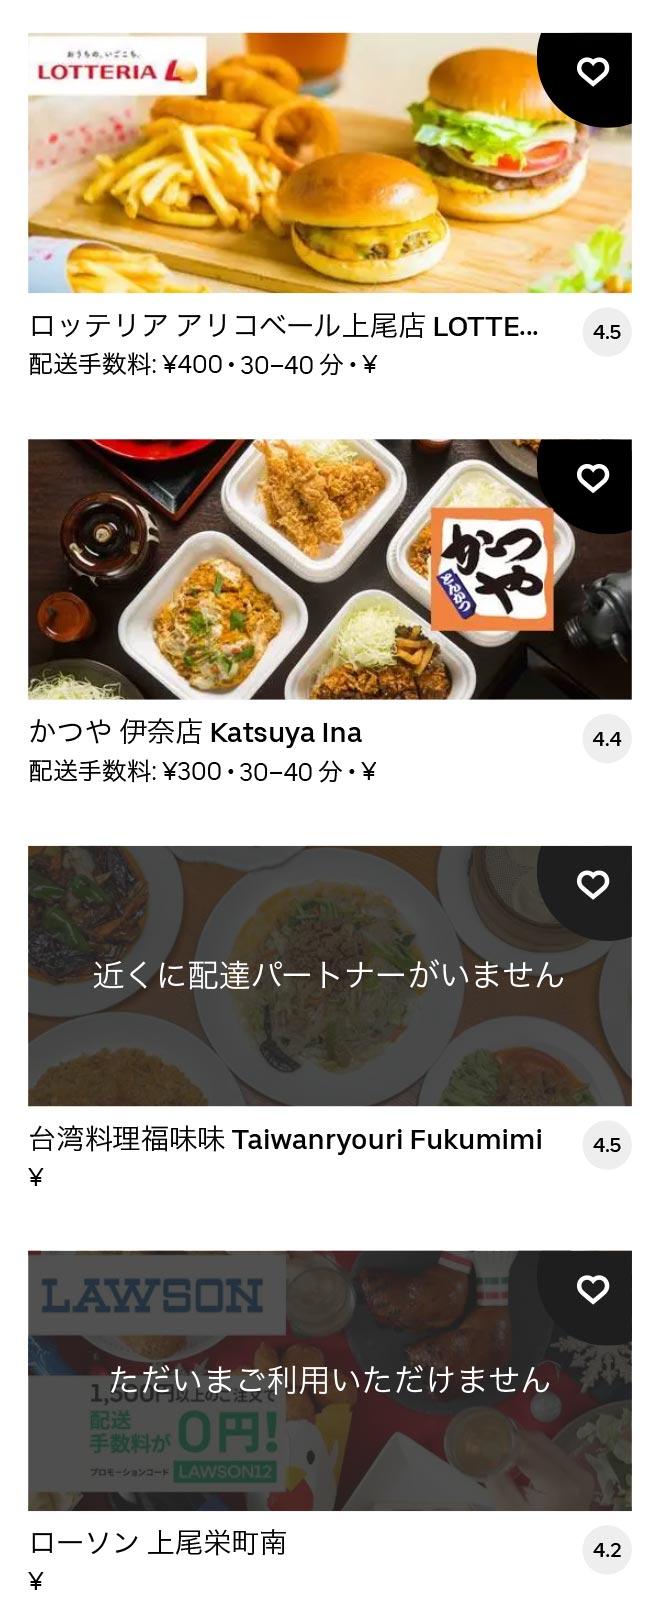 Haraichi menu 2012 06